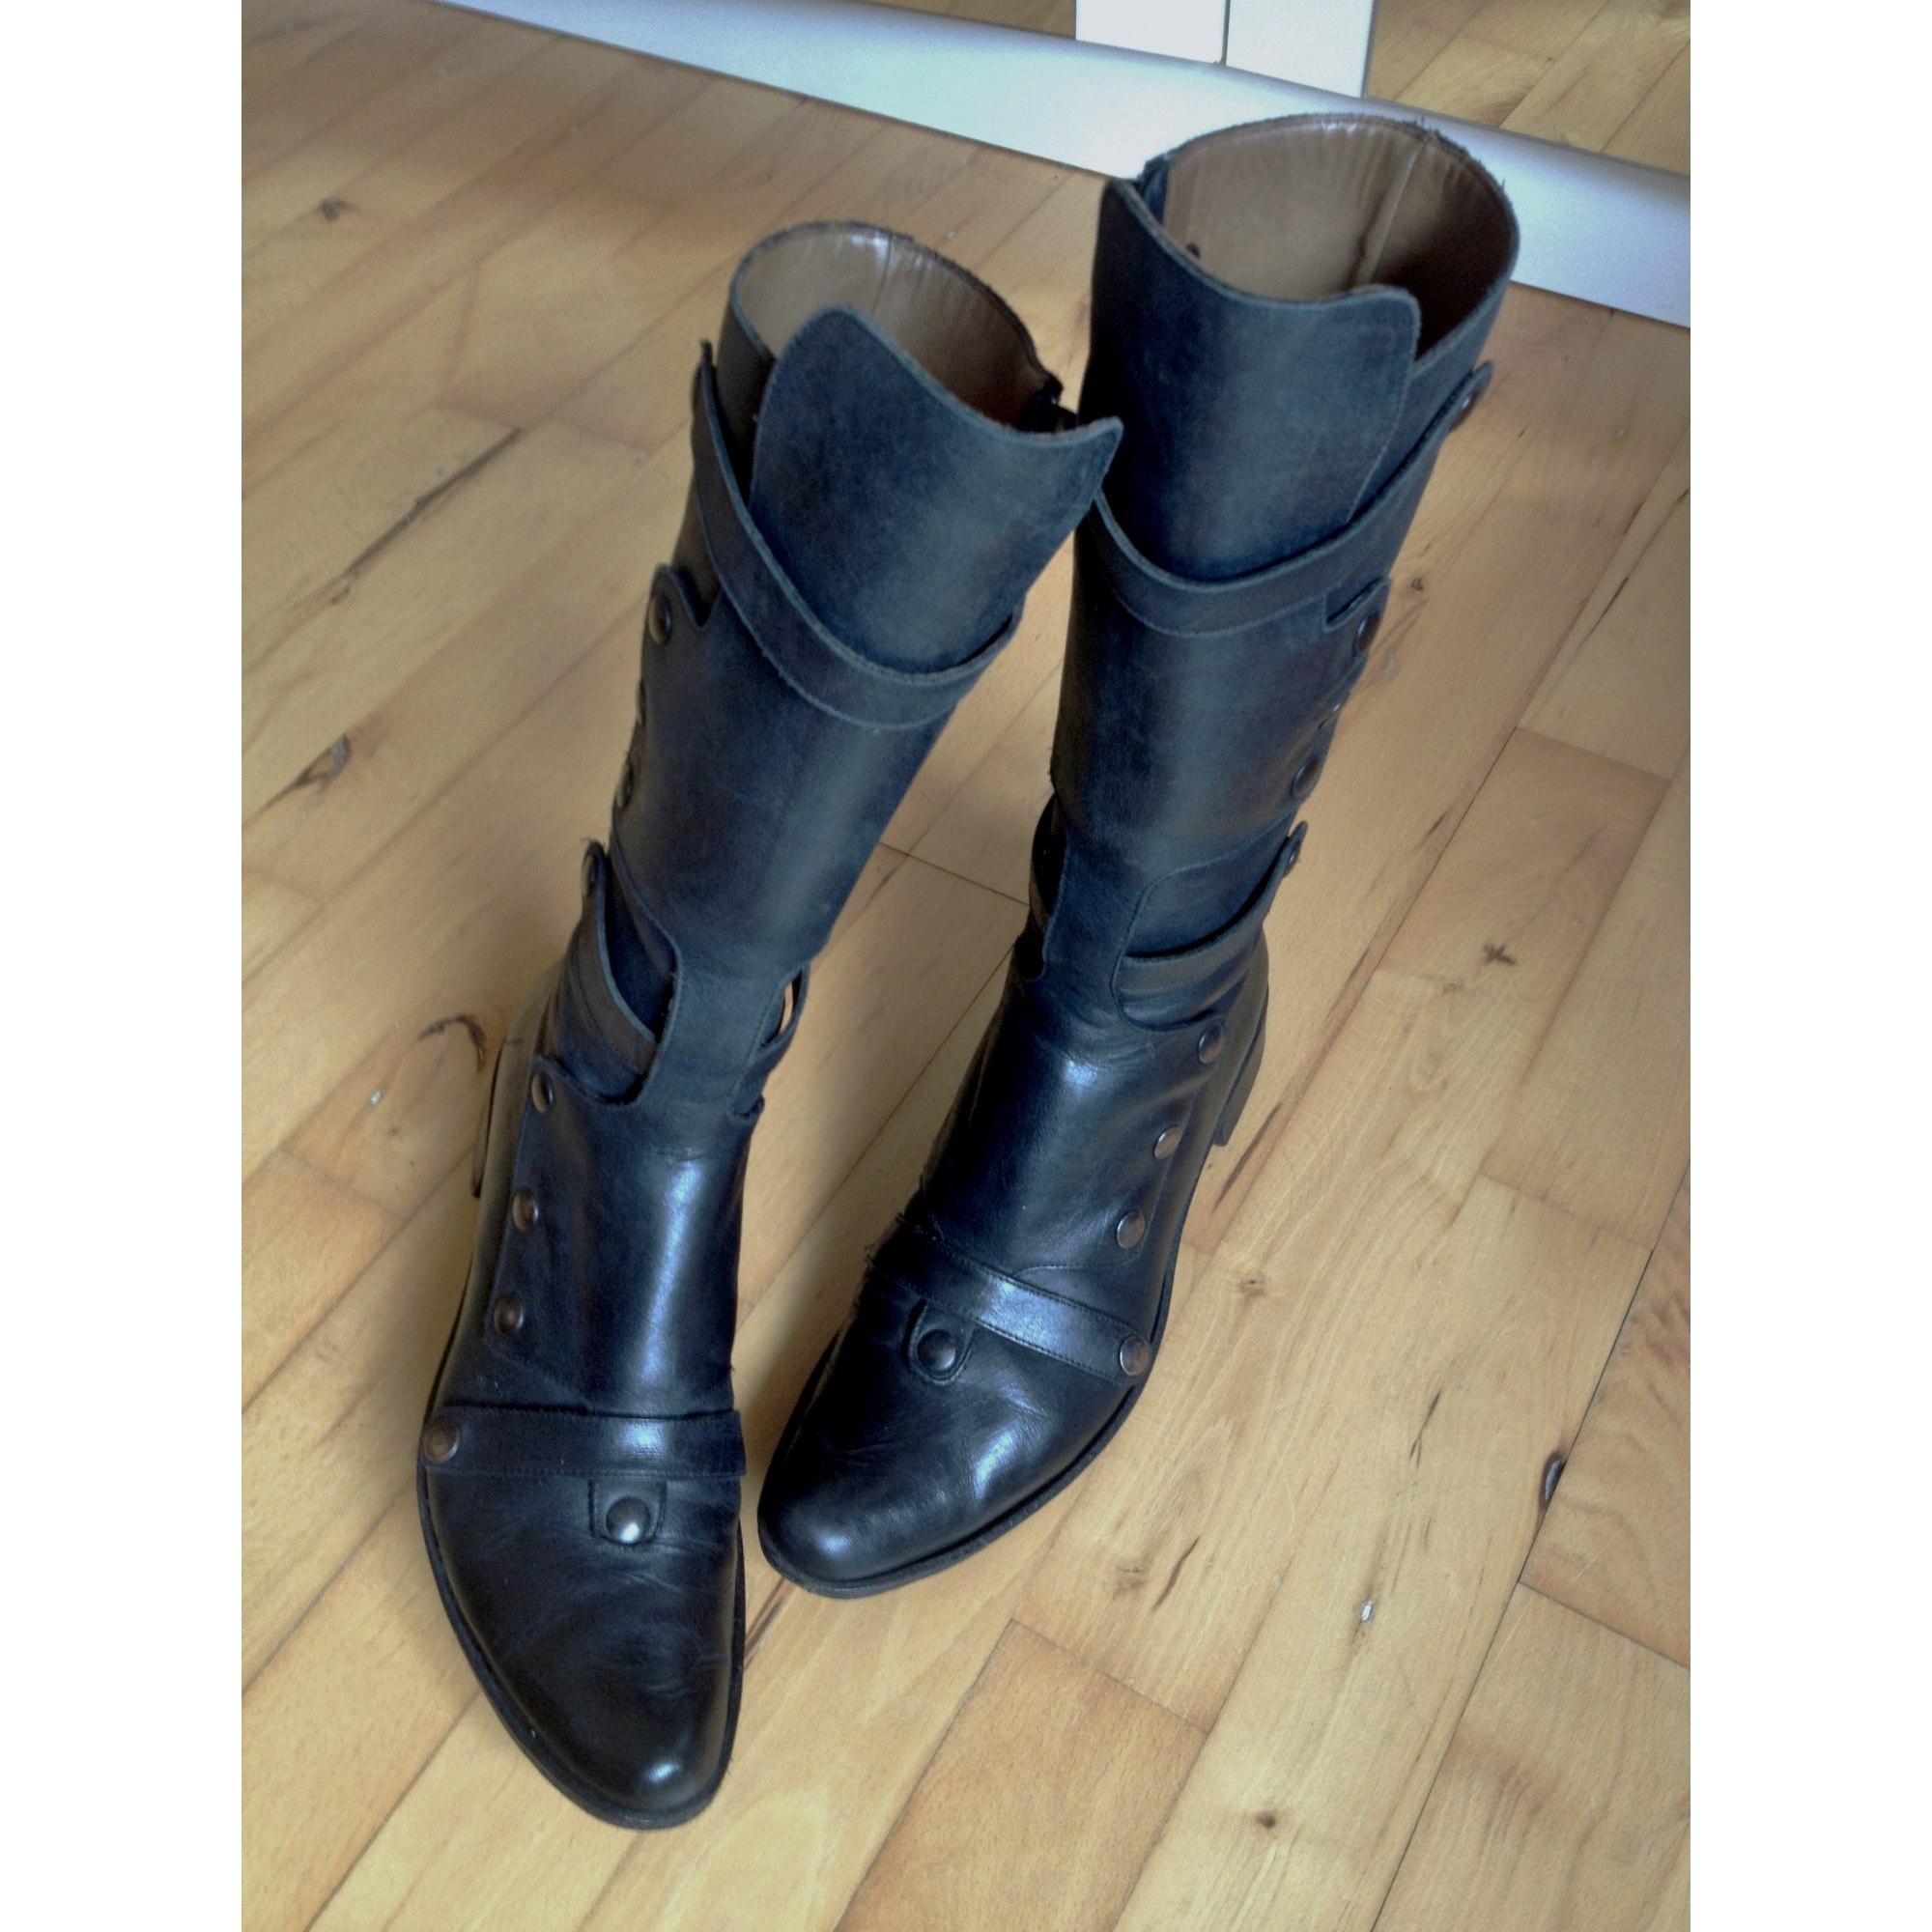 089f1ae9b5a84a Flat Boots VERO CUOIO Black